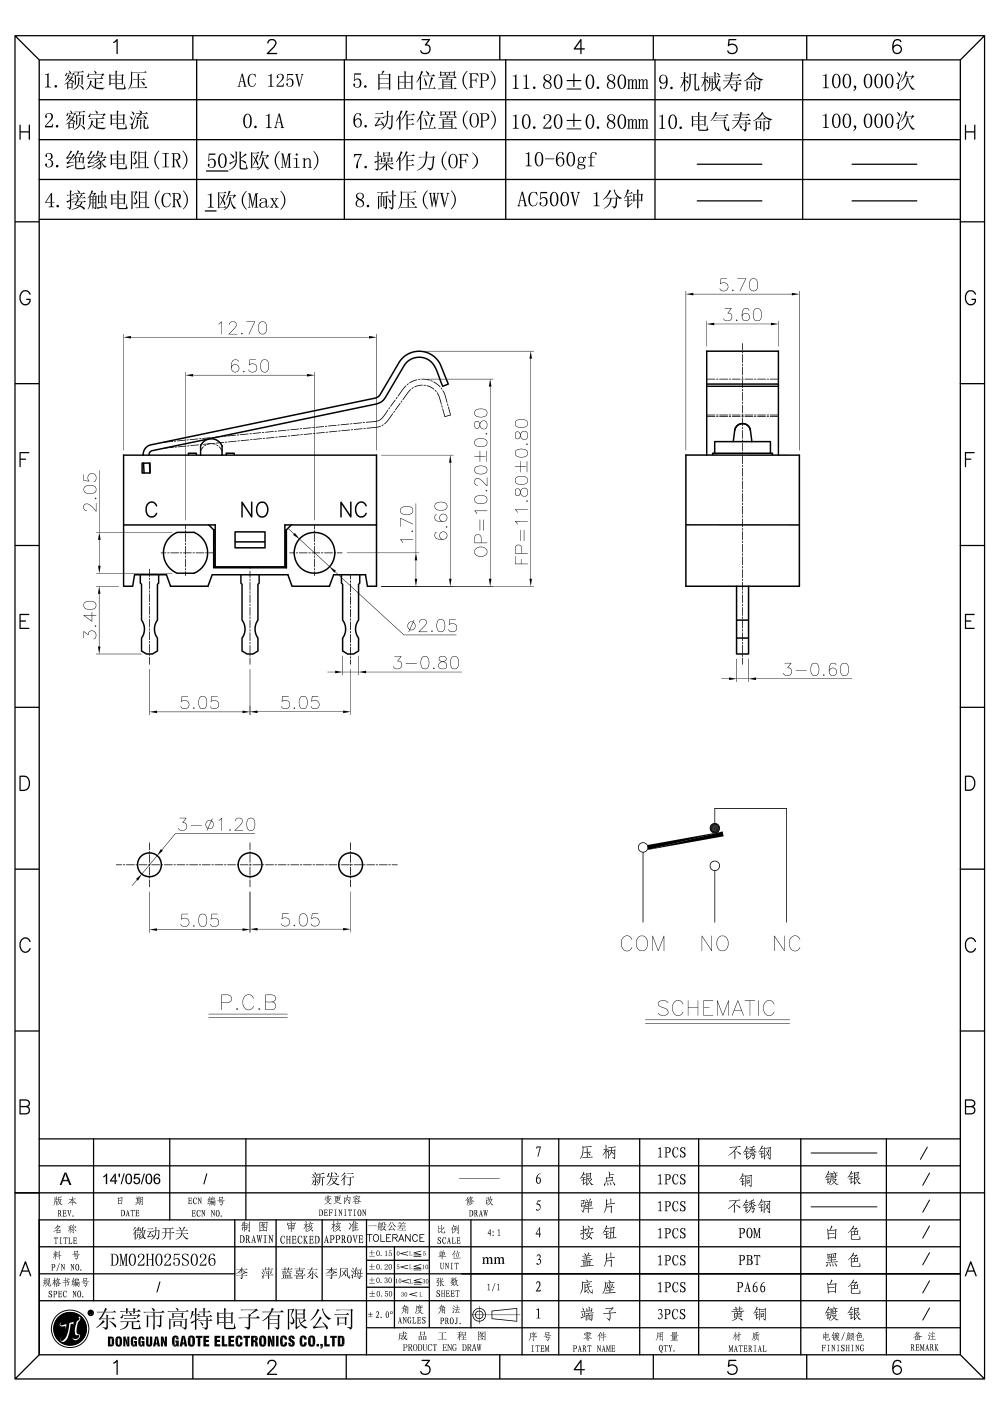 DM02H025S026-Model-(1).jpg